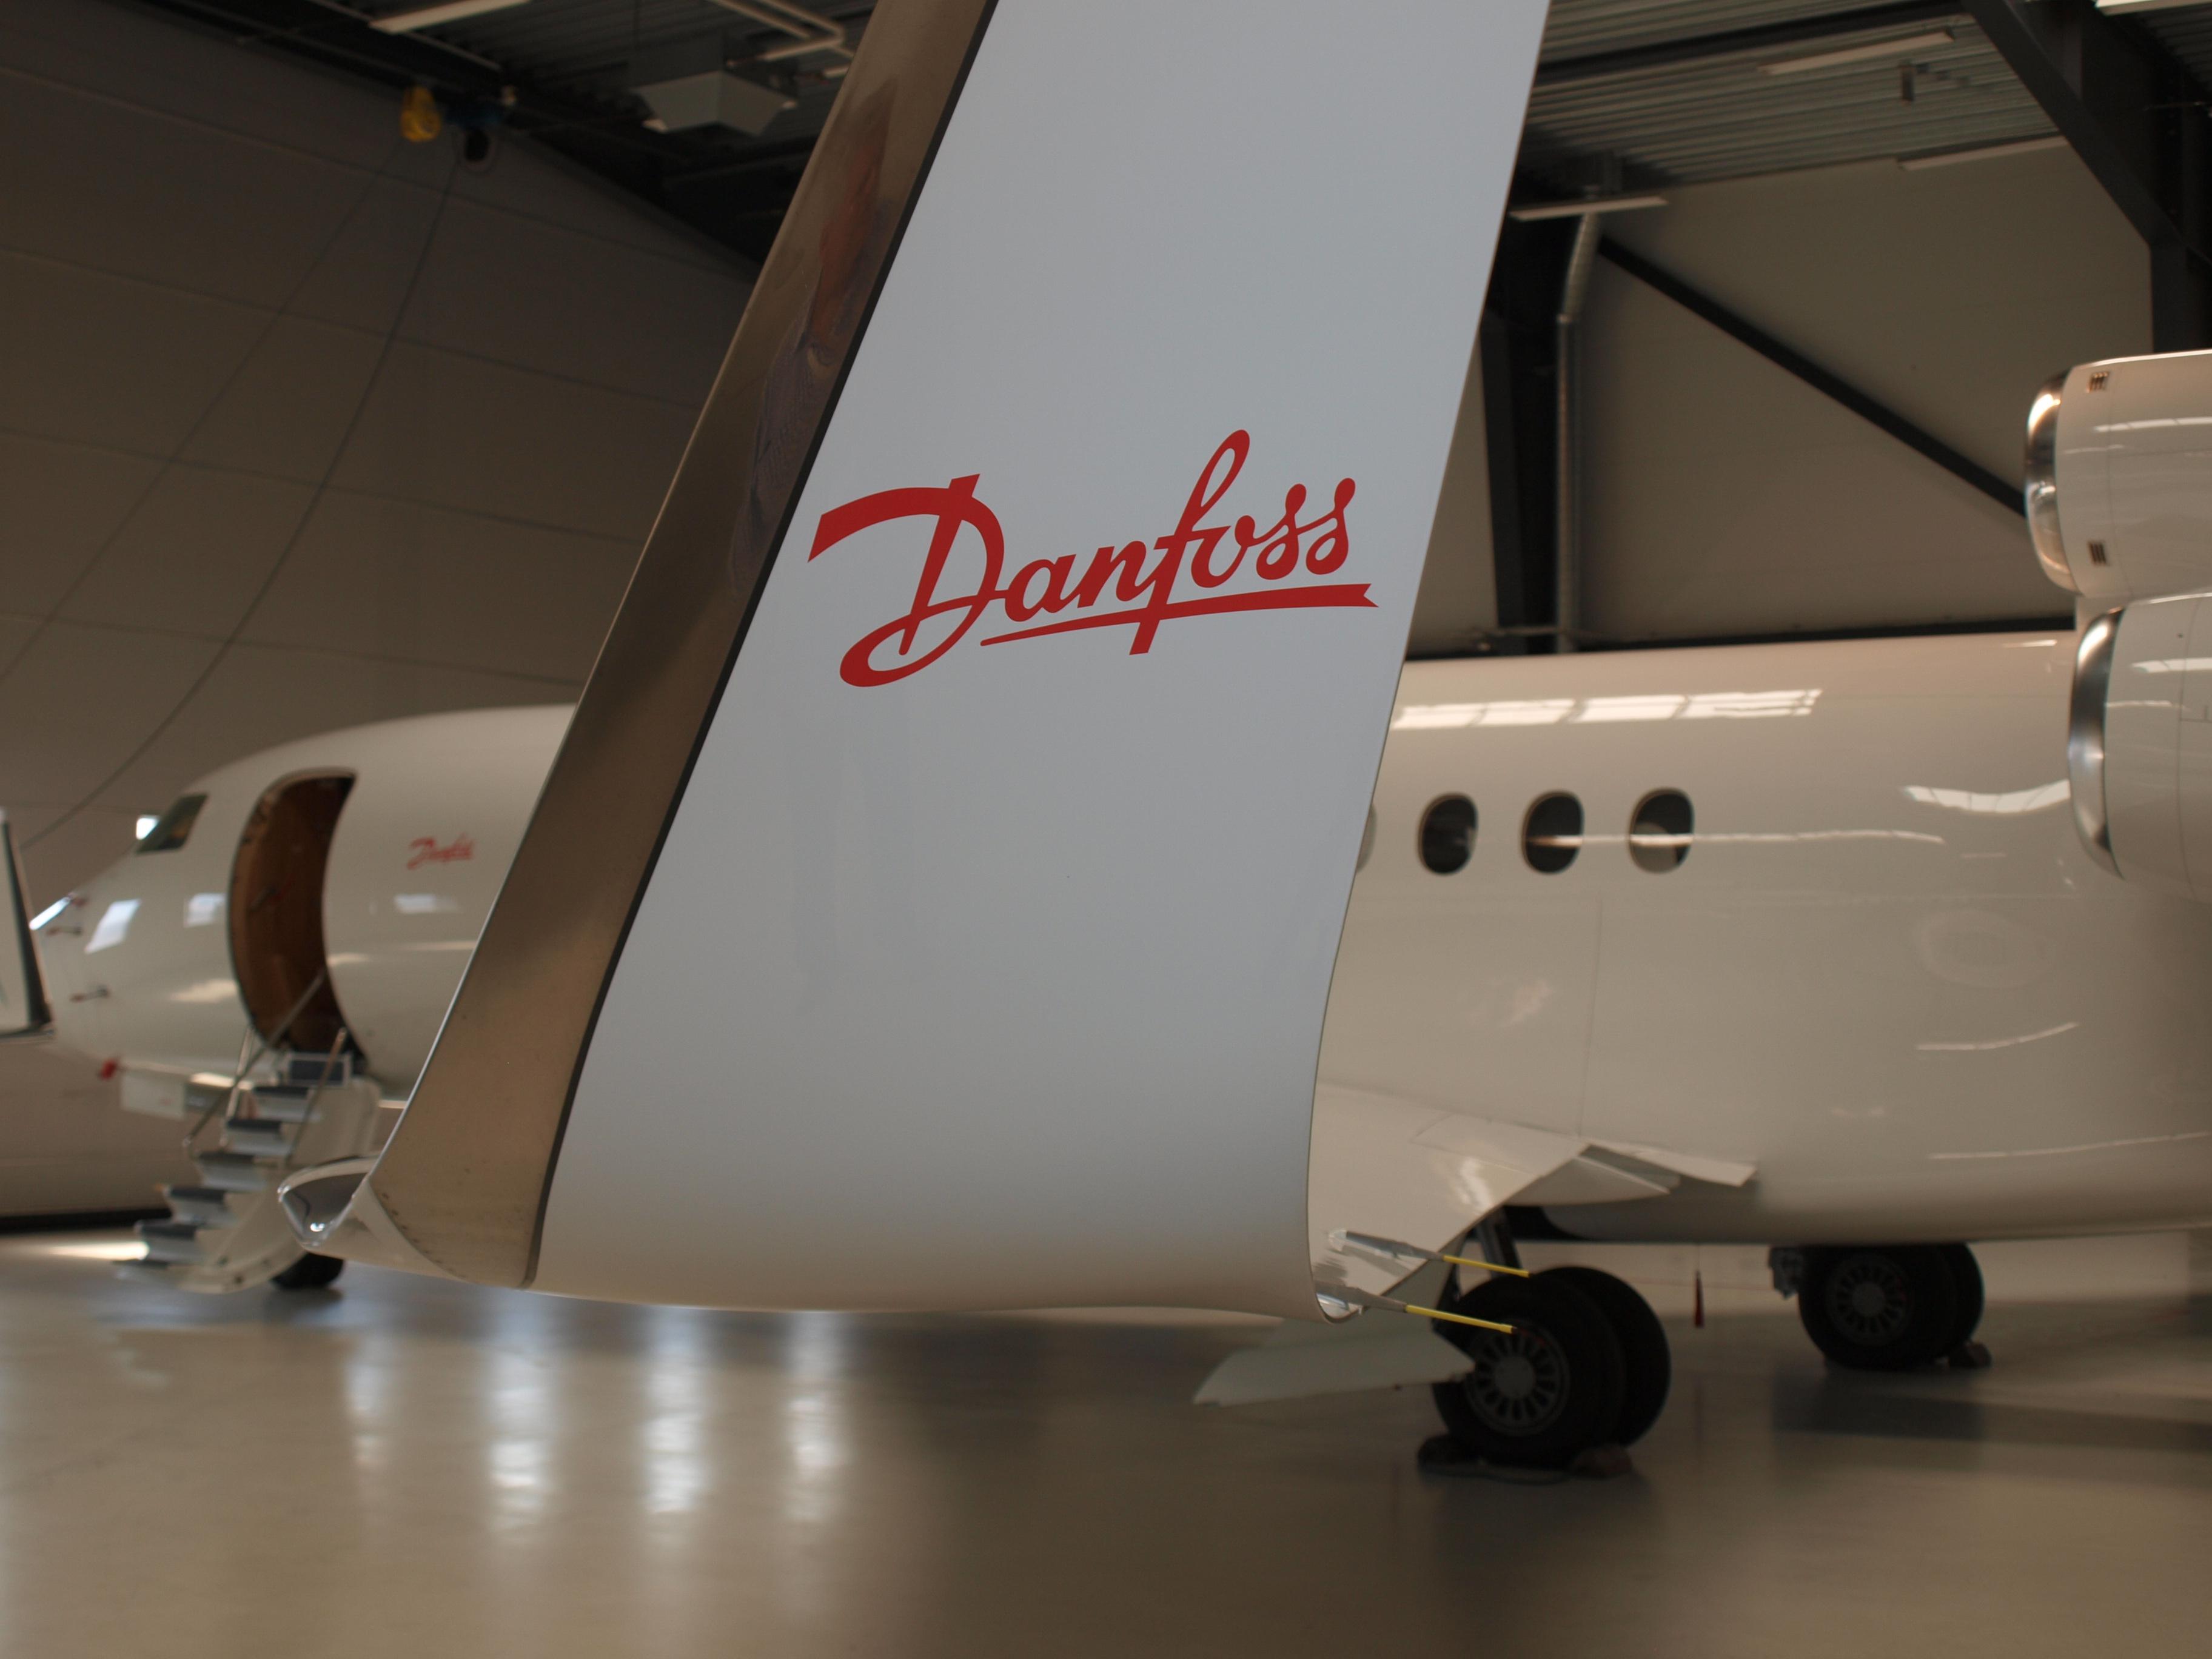 Danfoss-privatjet Falcon 7X i hangaren i Sønderborg Lufthavn (Arkivfoto: Ole Kirchert Christensen)